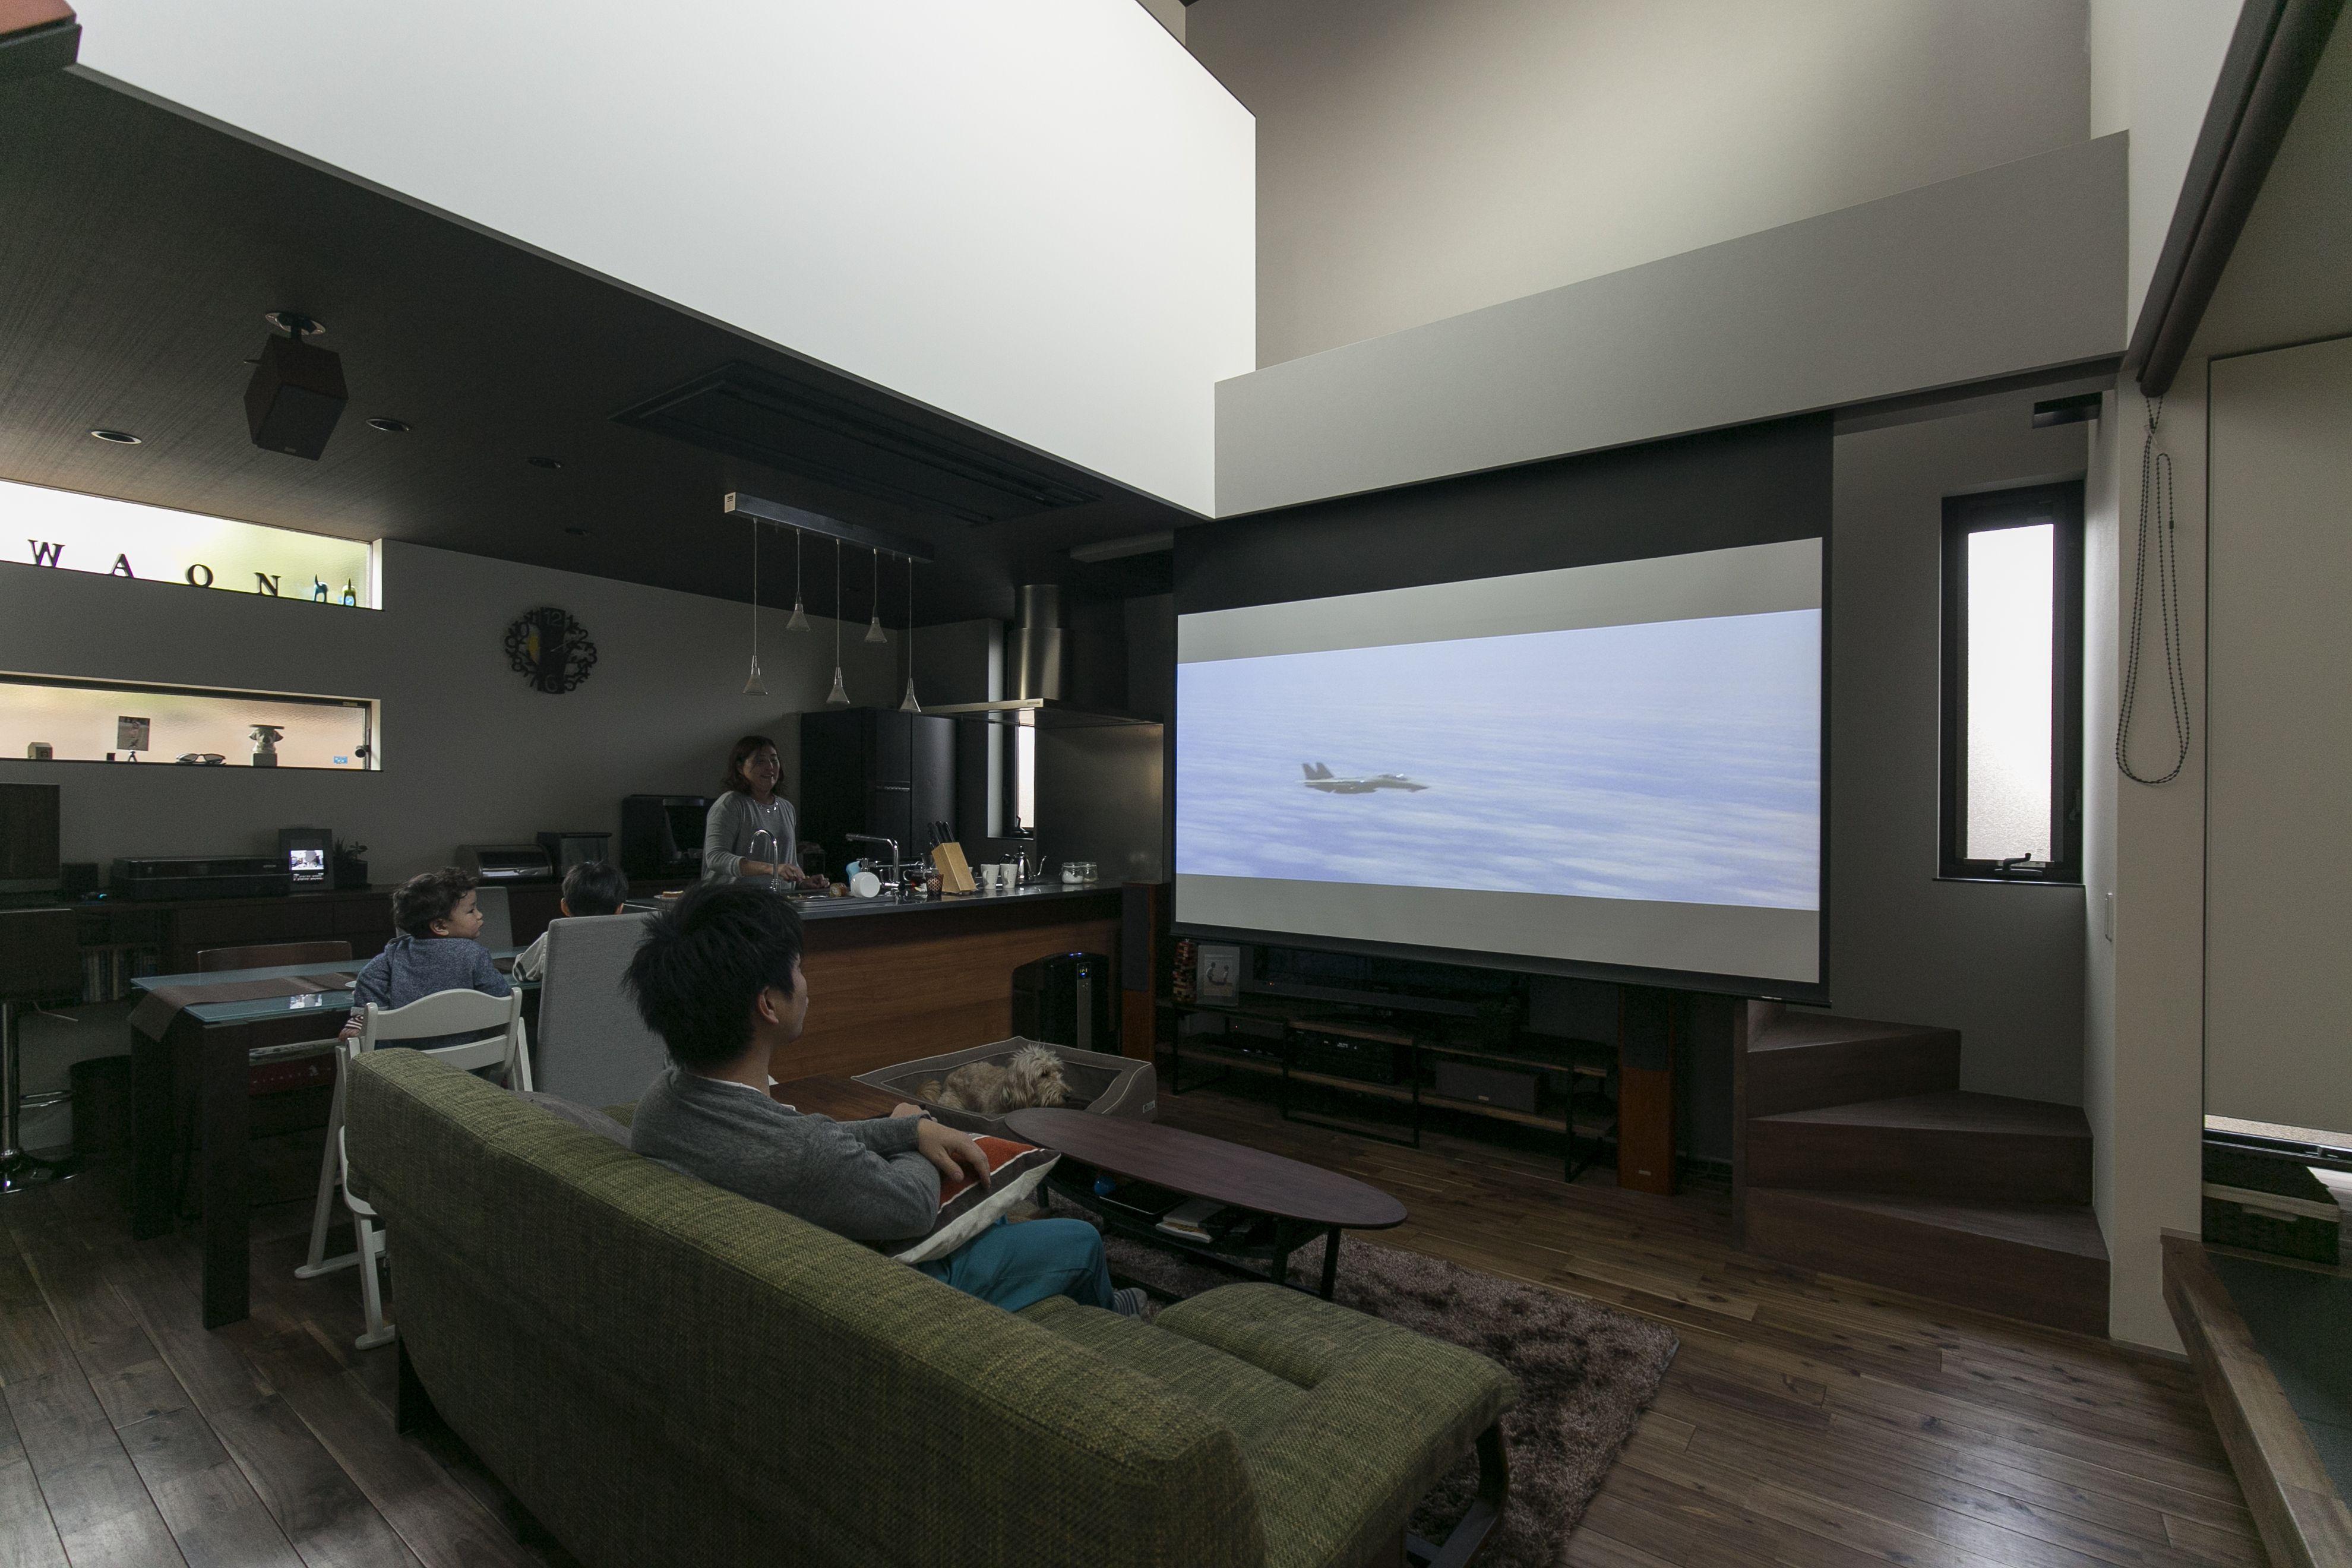 リビングが映画館に変わる スクリーンとプロジェクターを上手に隠して 普段はオシャレなリビング空間として使えます